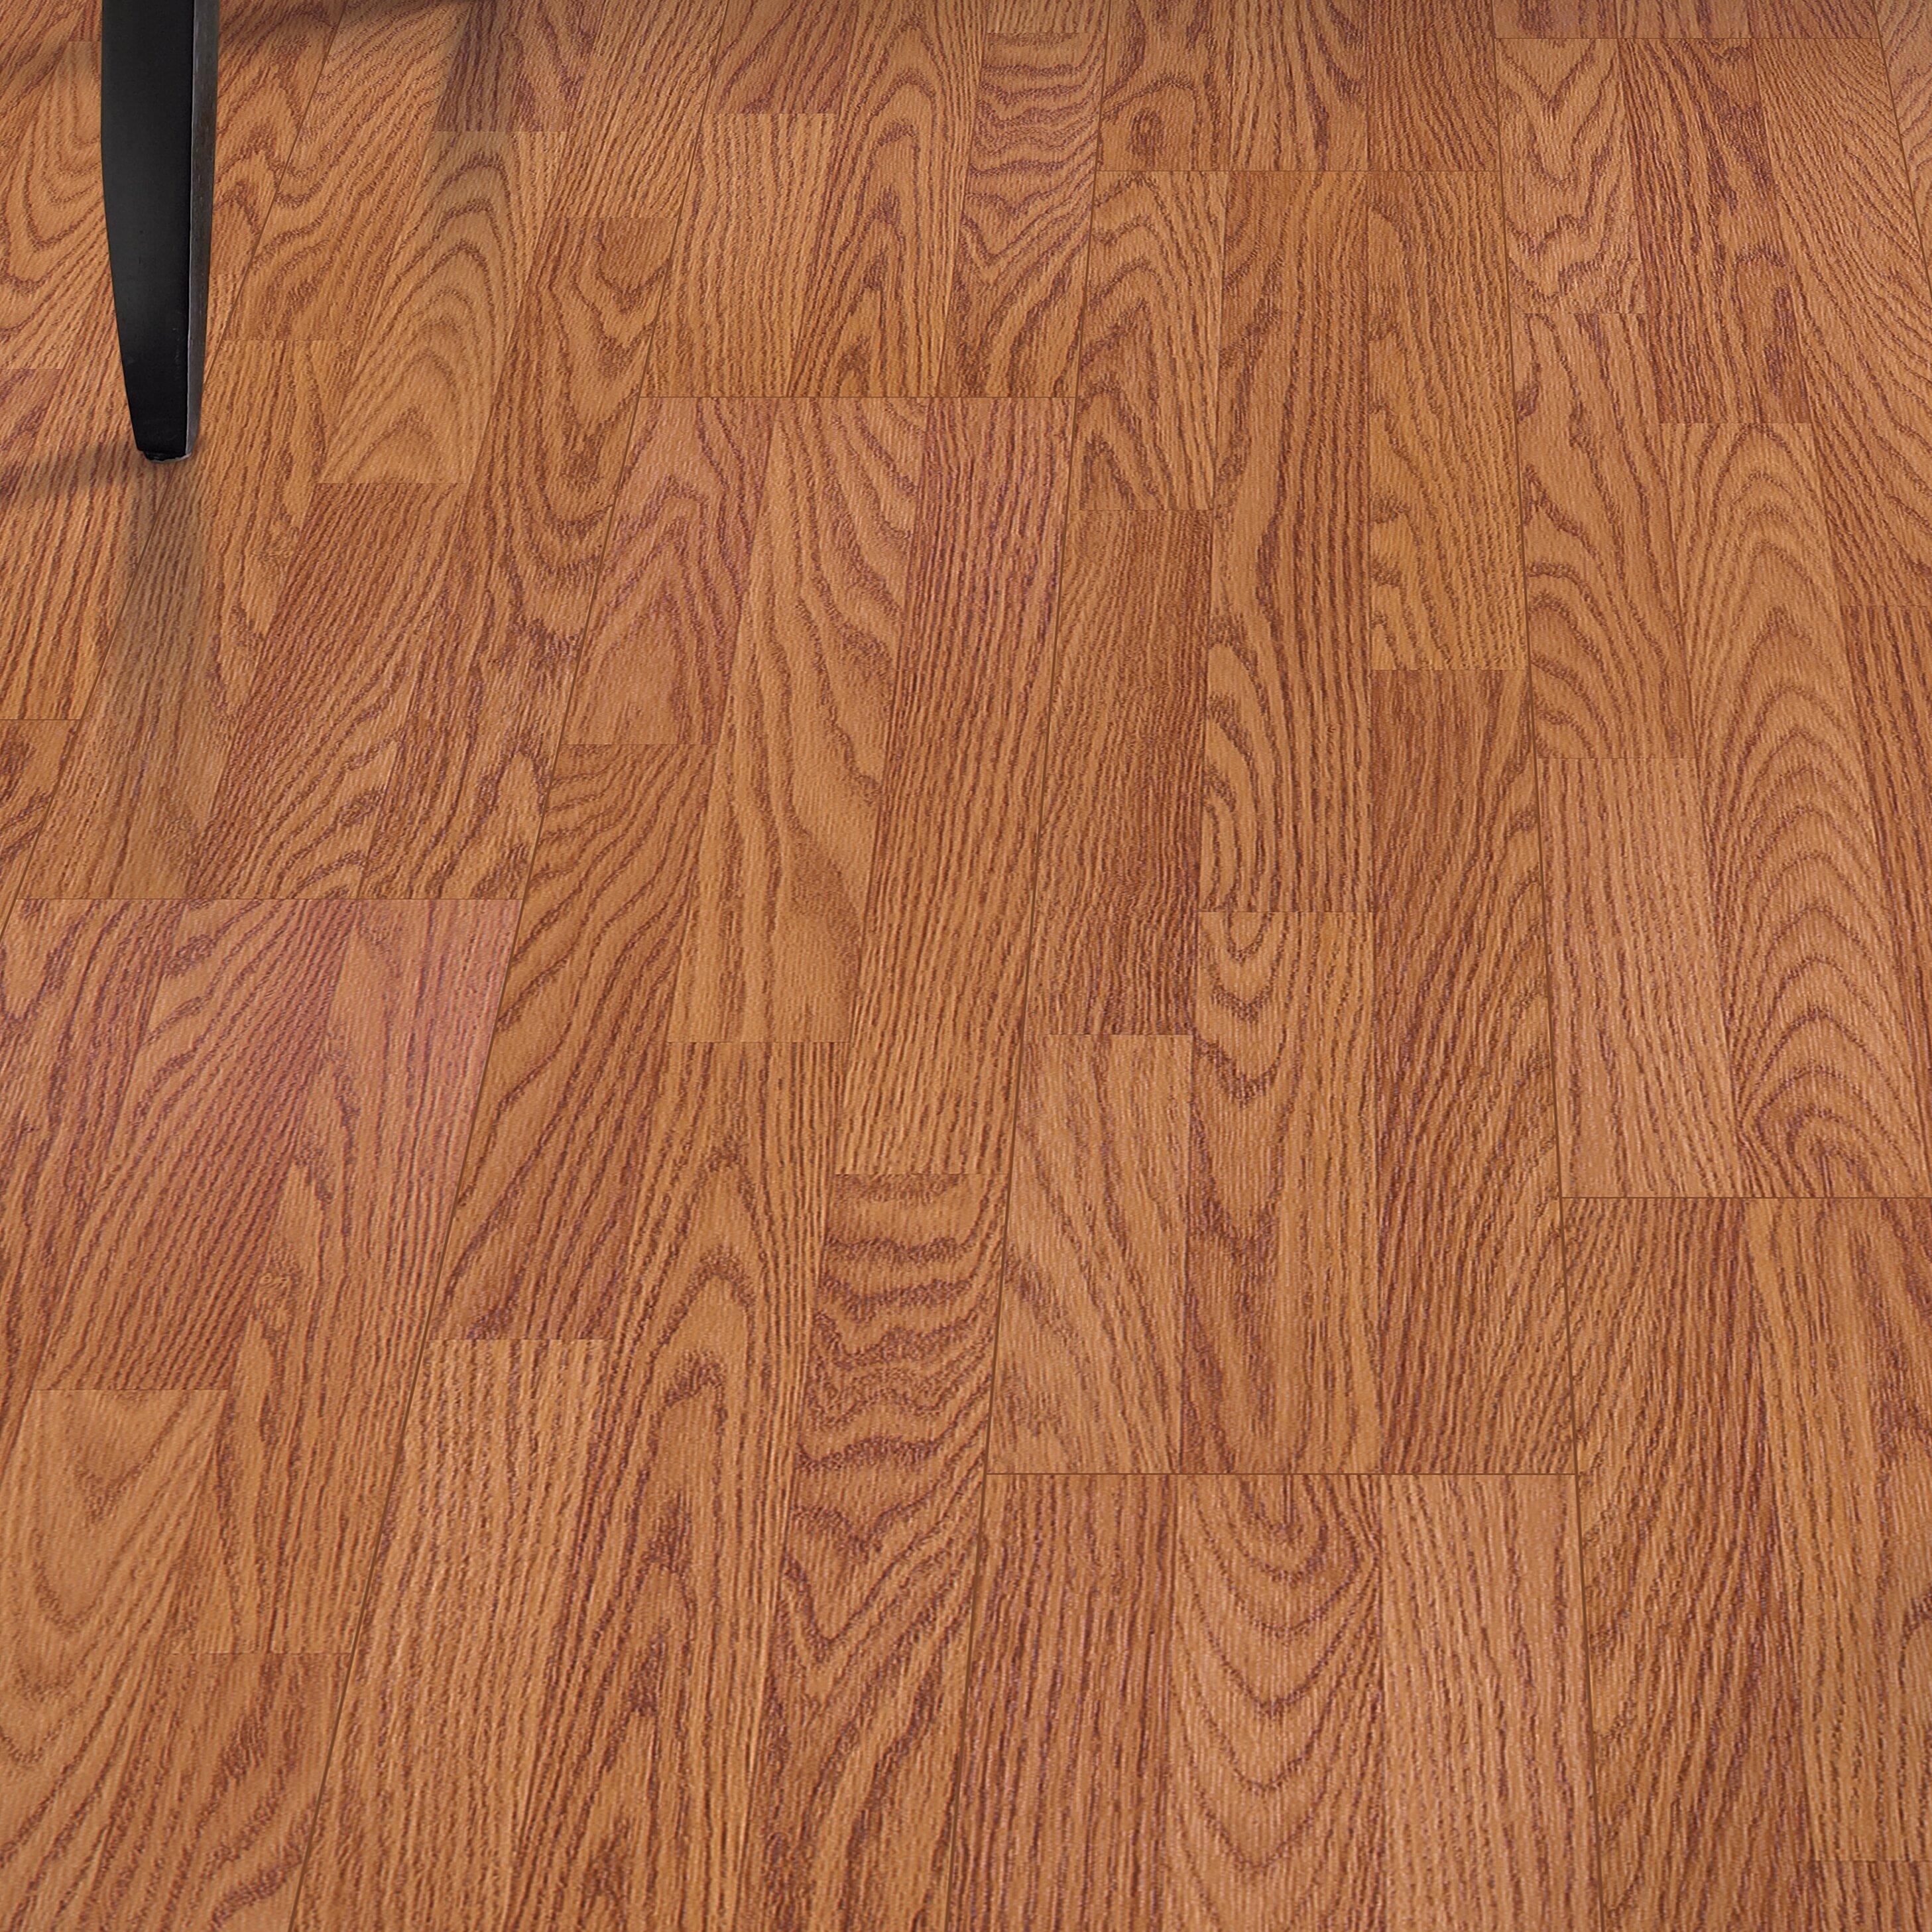 Mohawk Fieldview 8 X 47 7mm Oak Laminate Flooring In Butterscotch